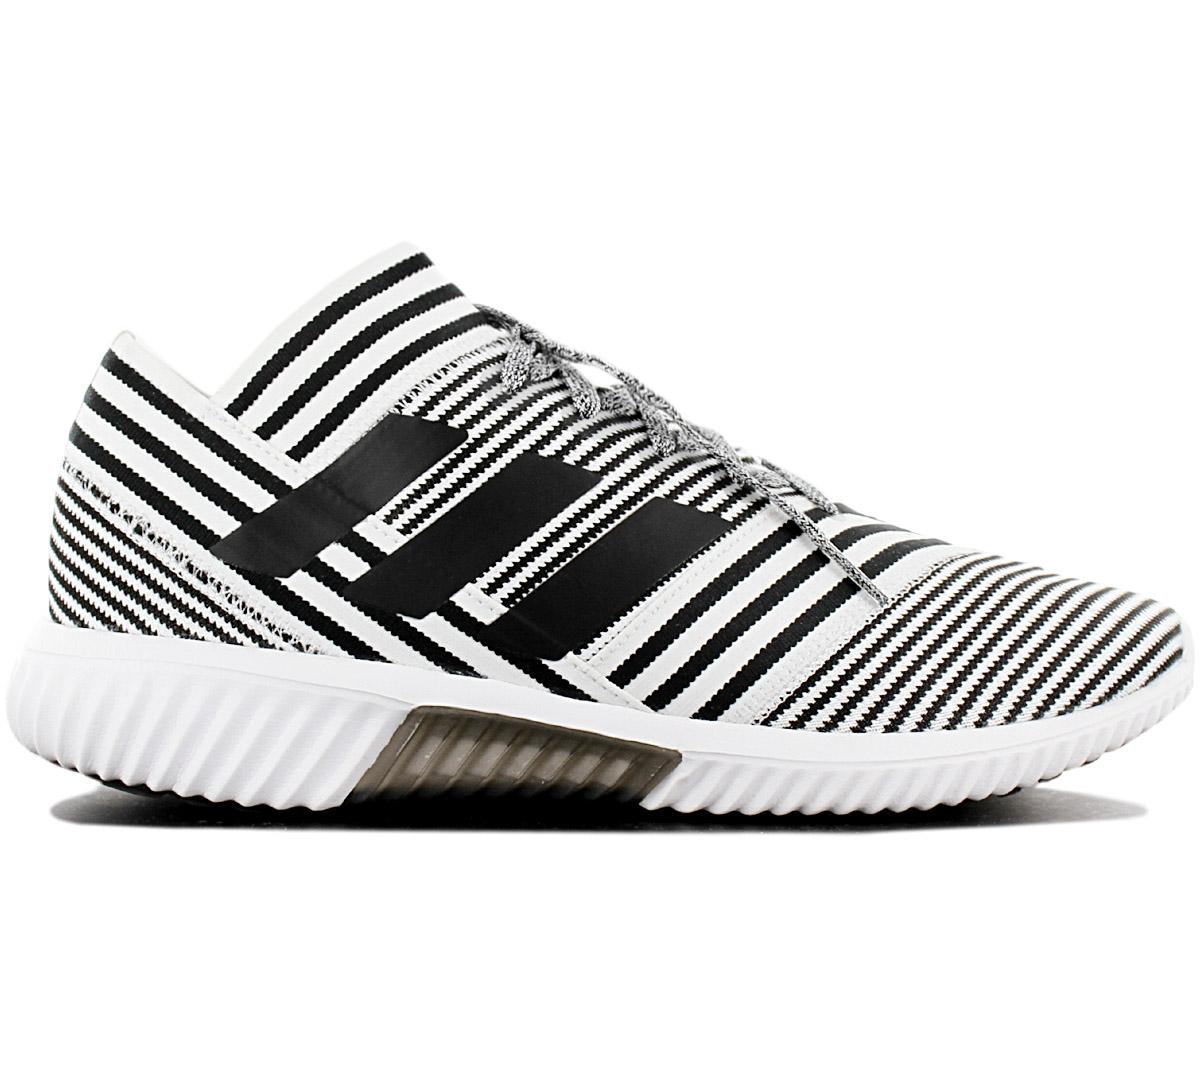 4f9fec30d4cd Adidas Nemeziz Tango 17.1 Tr Men s Shoes Bb3659 Street Soccer ...